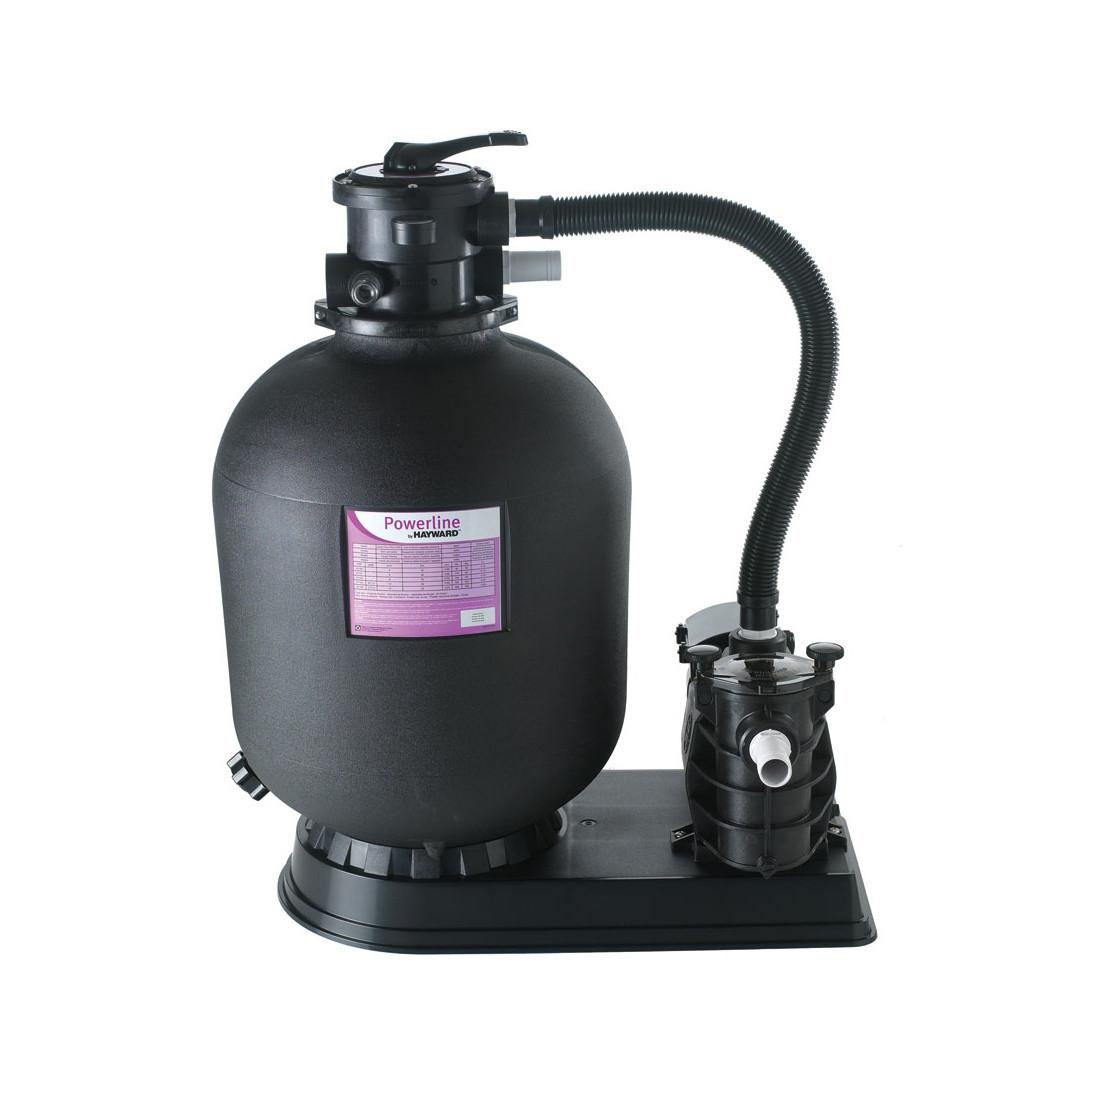 Фильтрационная установка Hayward PowerLine 81071 (8 м3/ч) для бассейна с объёмом воды до 40 м3